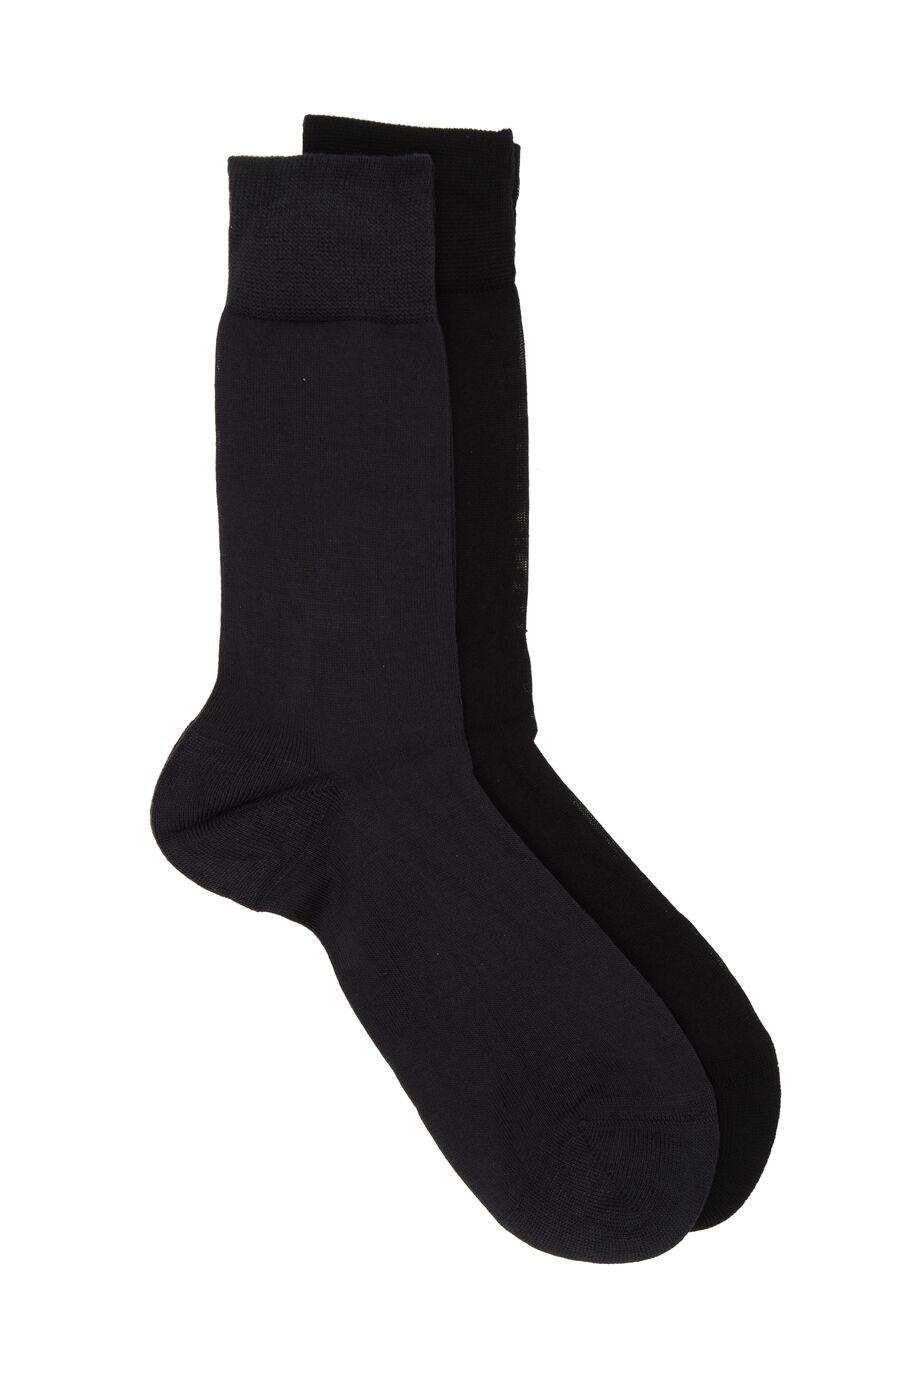 Bamboo Antrasit 2'li Çorap Set